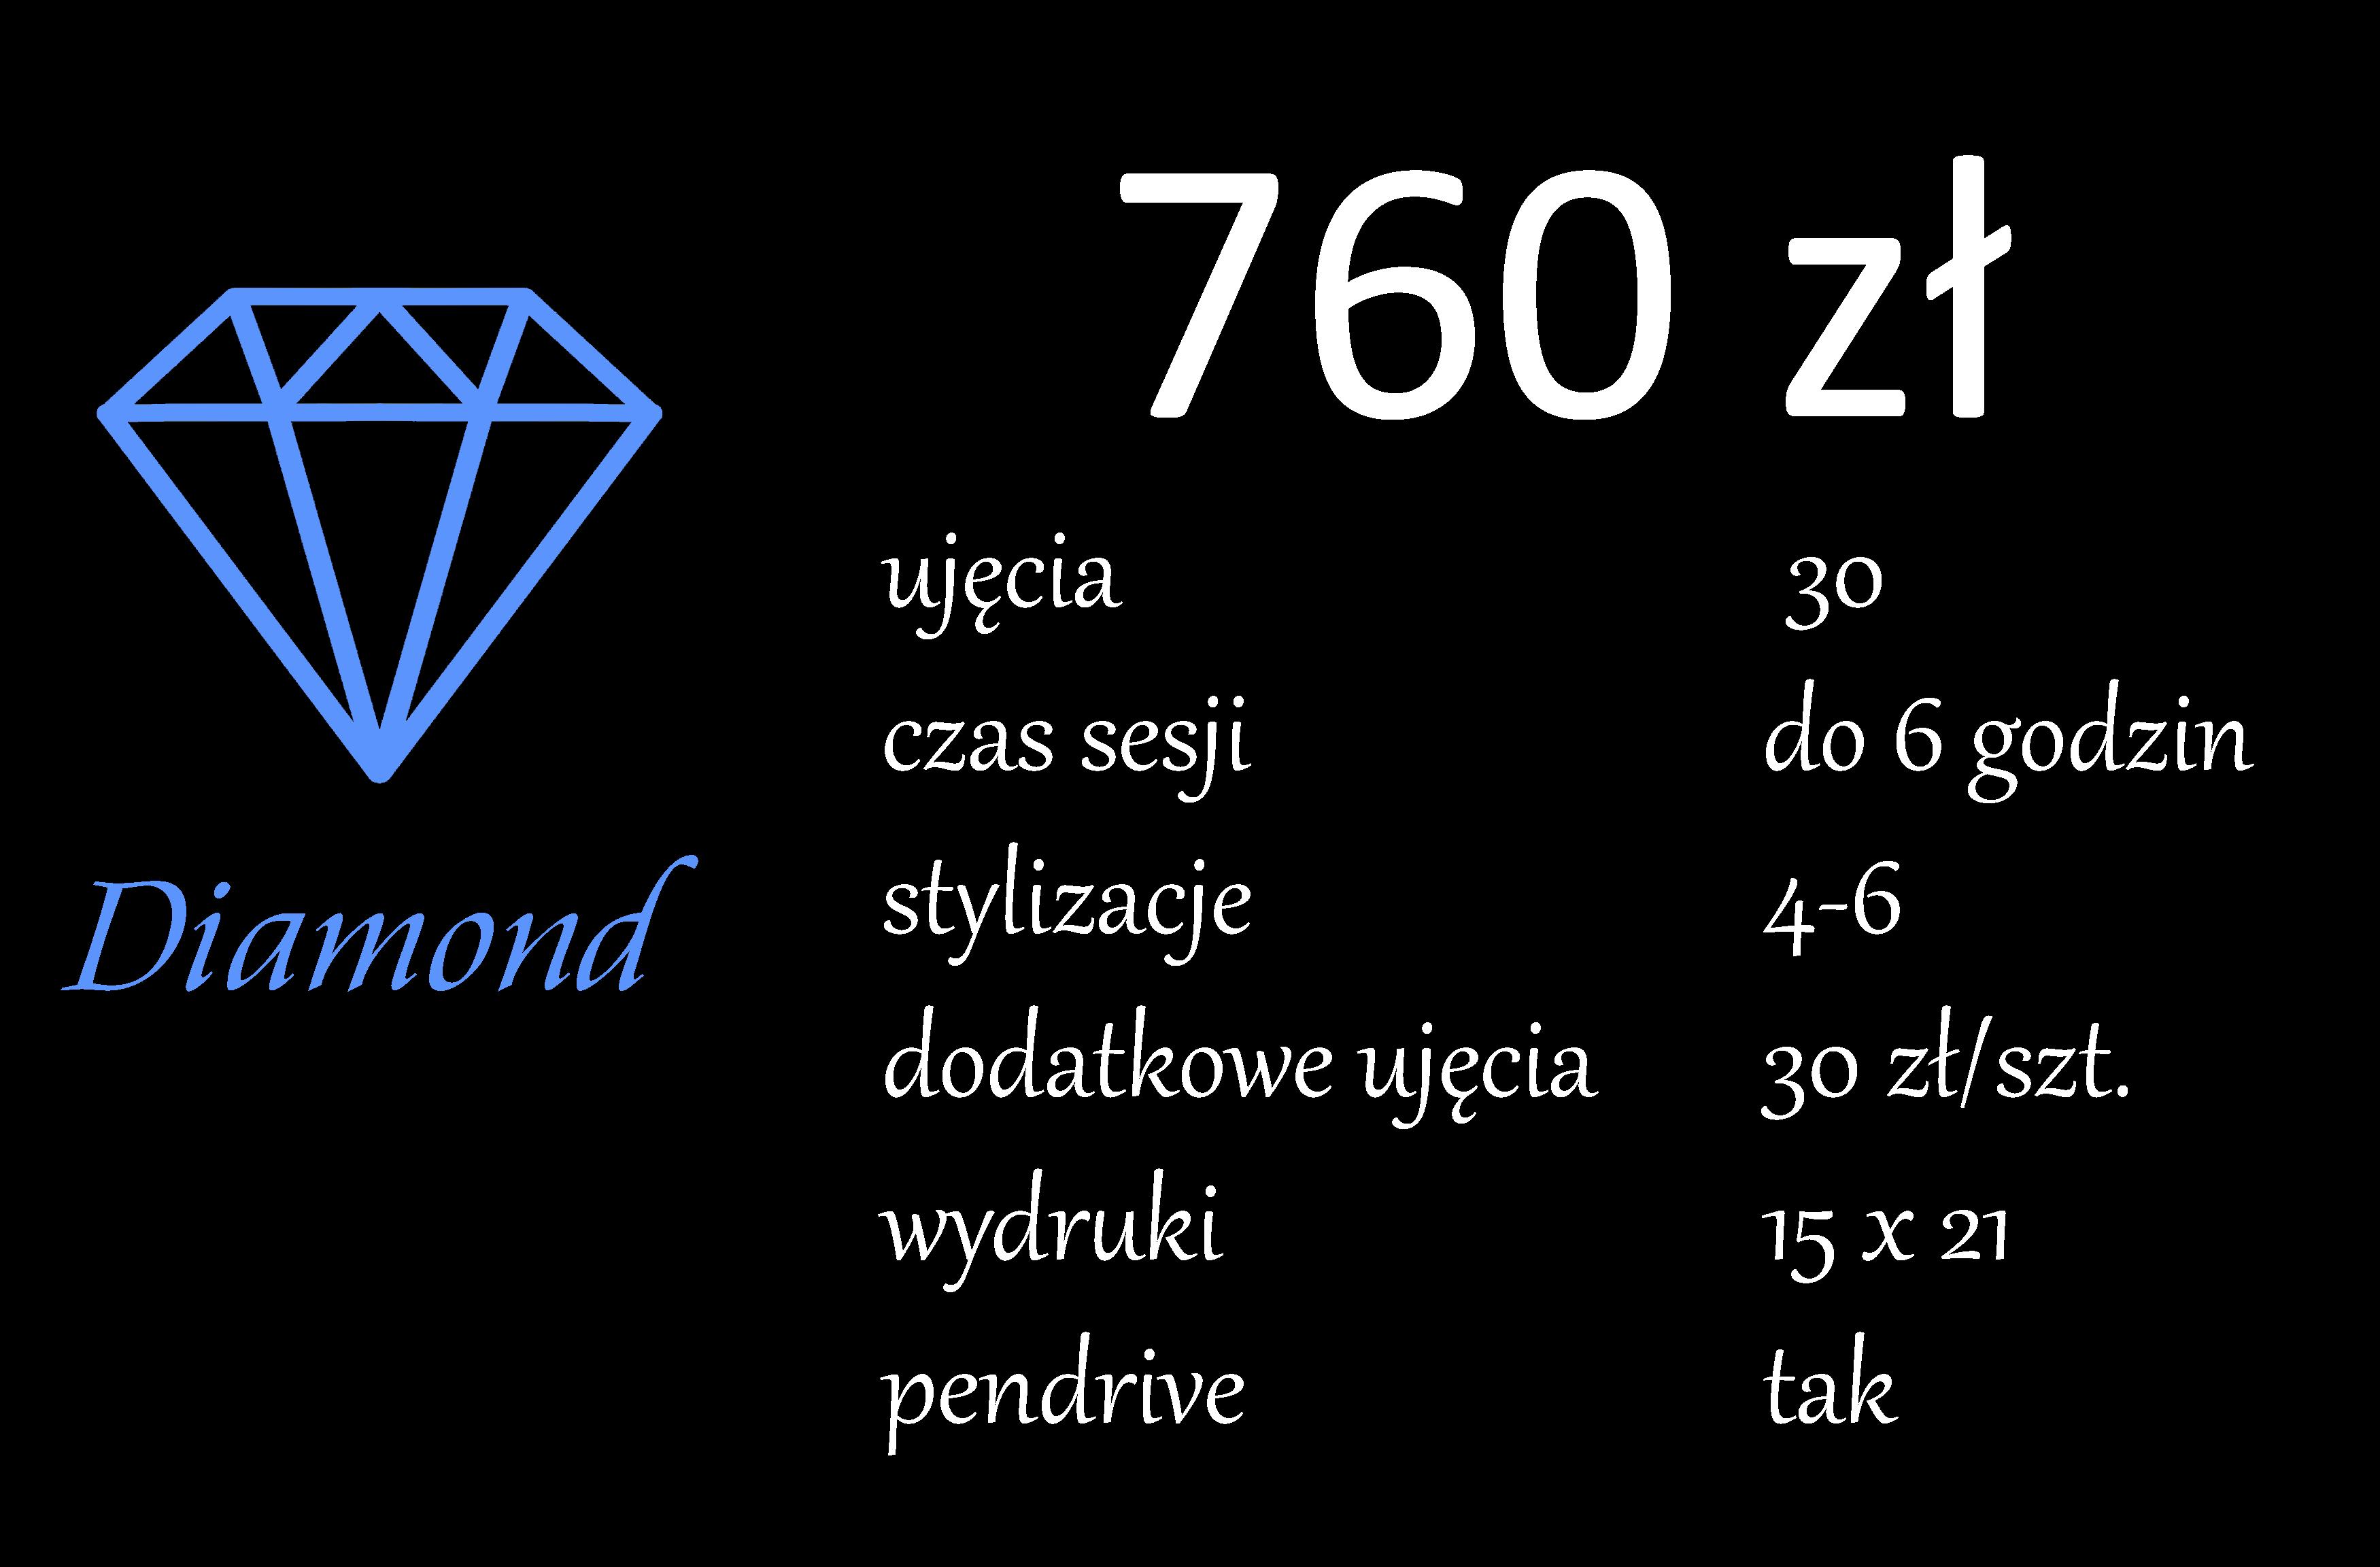 noworodkowy_diamentowy